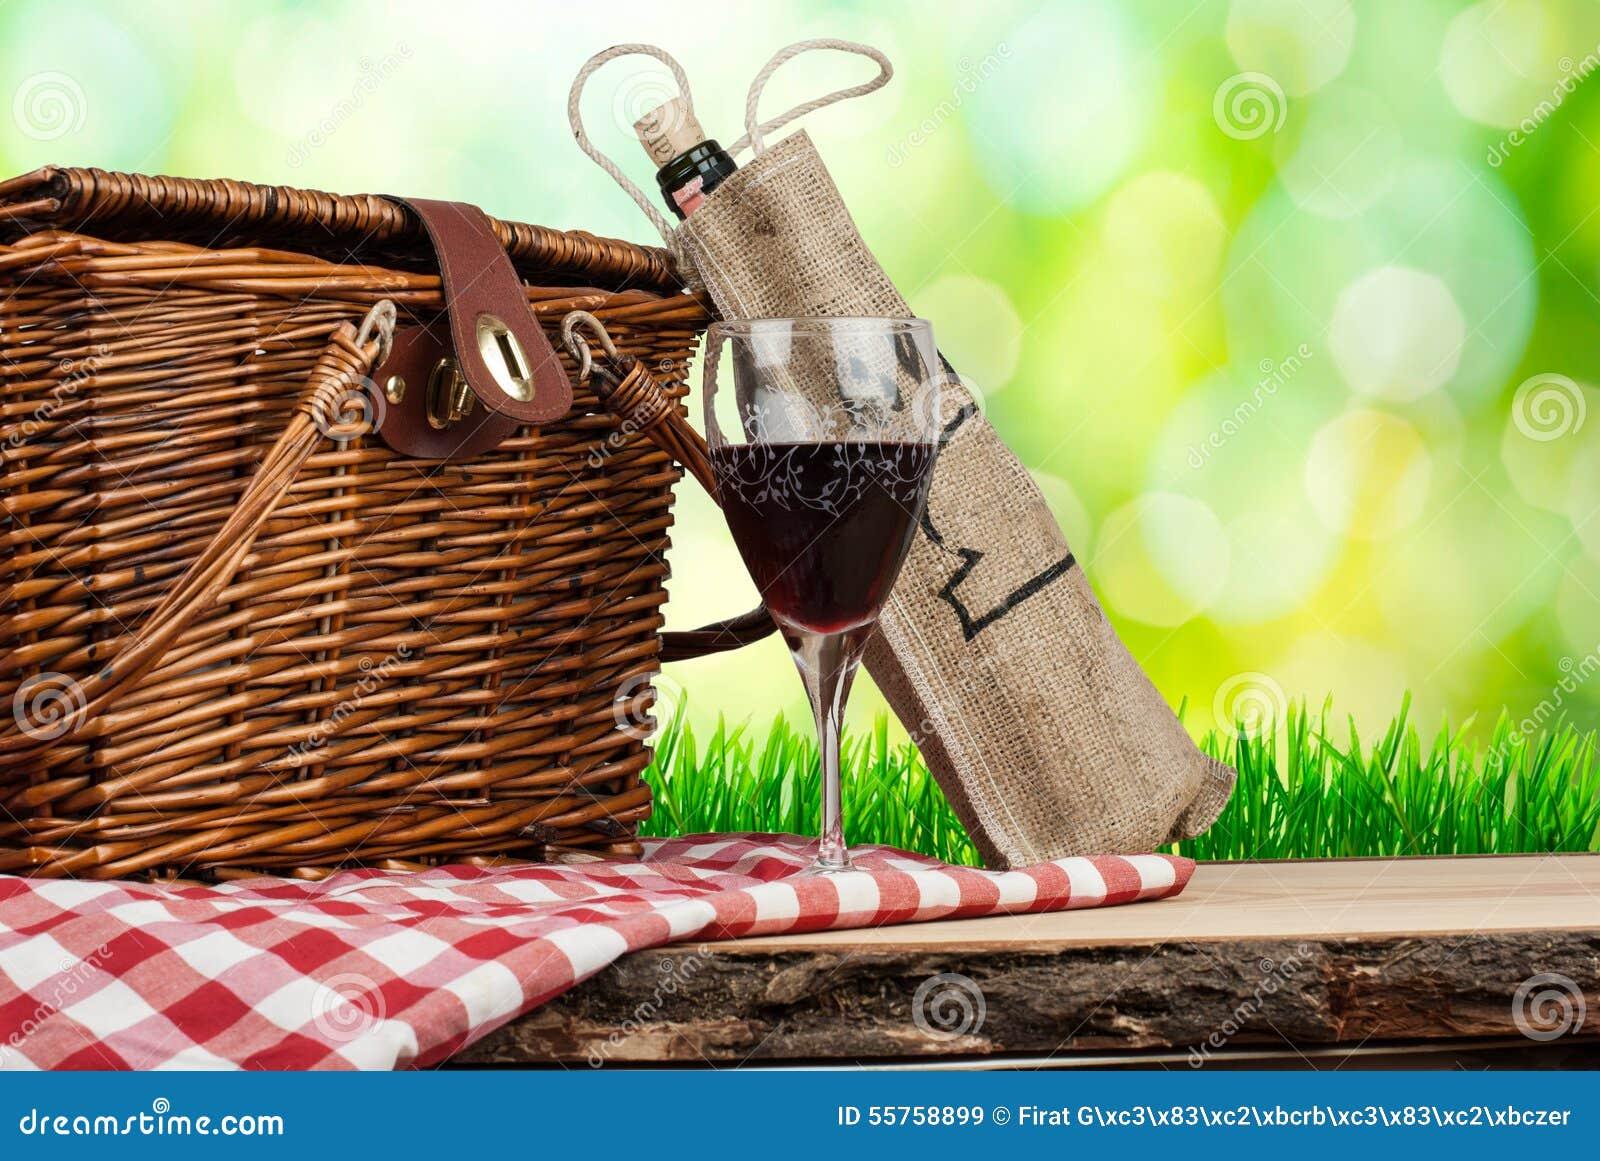 Picknickmand op de lijst met glas wijn